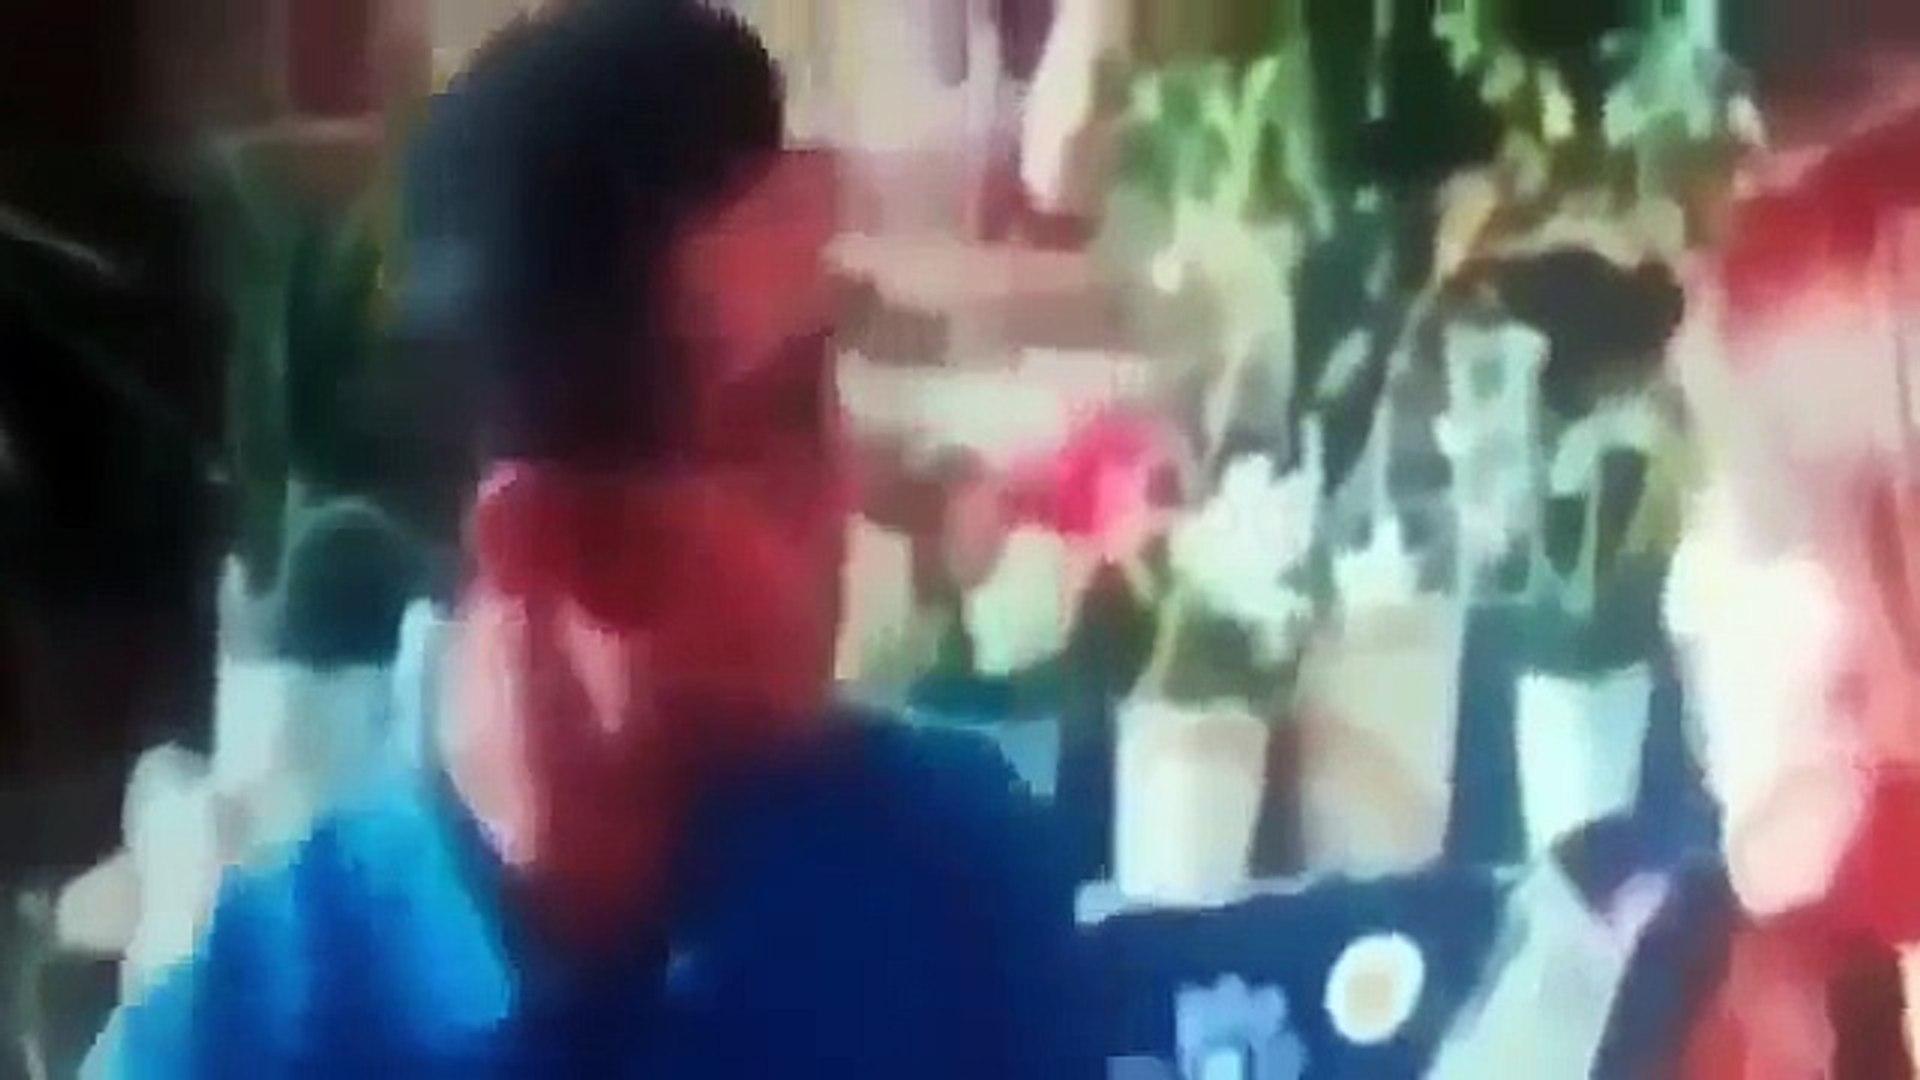 فيلم اخر ديك في مصر محمد رمضان الجزء الثانى Video Dailymotion